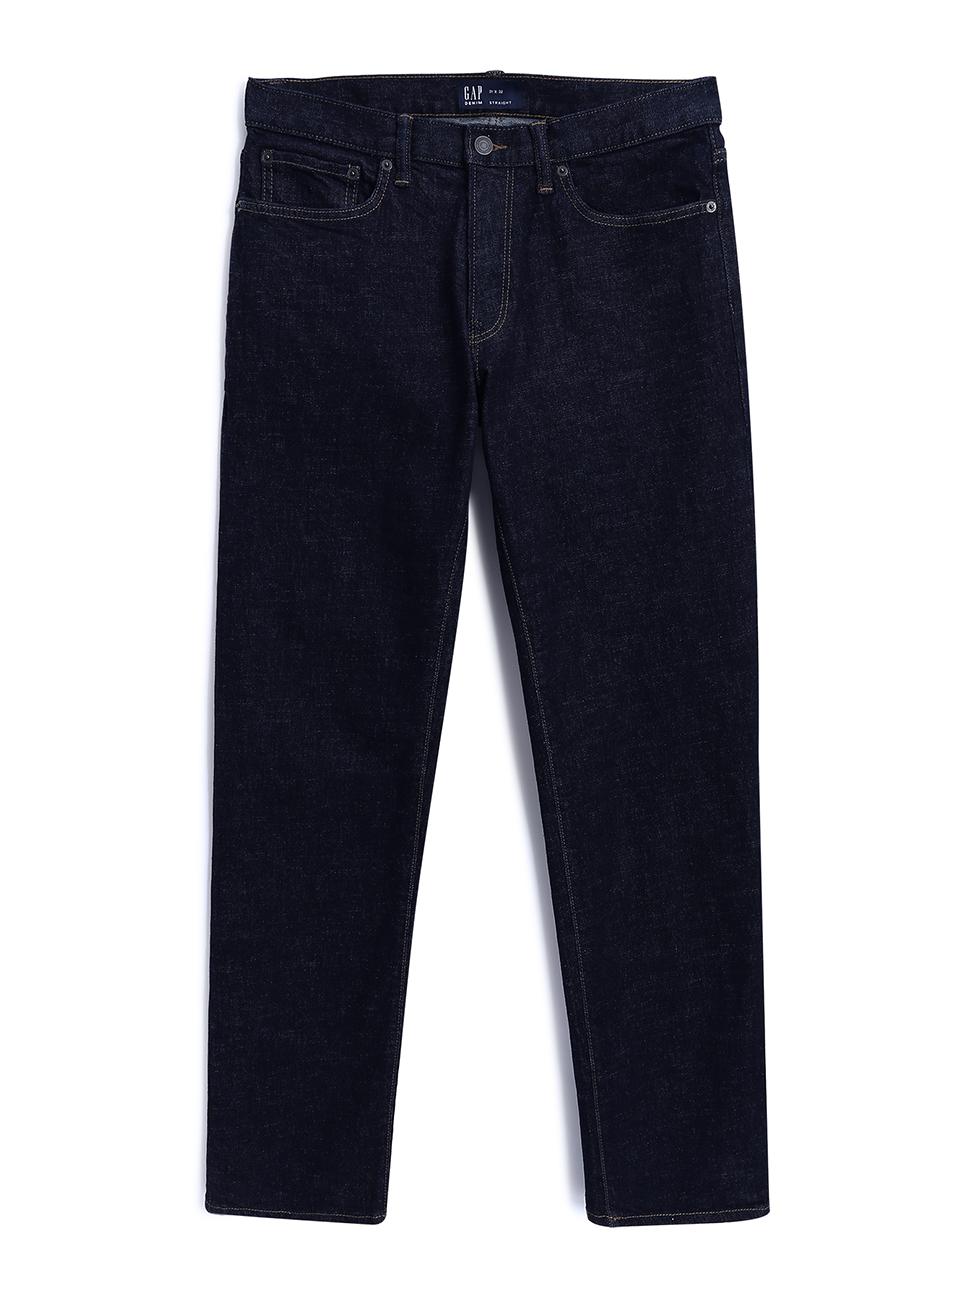 男裝 時尚純色直筒牛仔褲